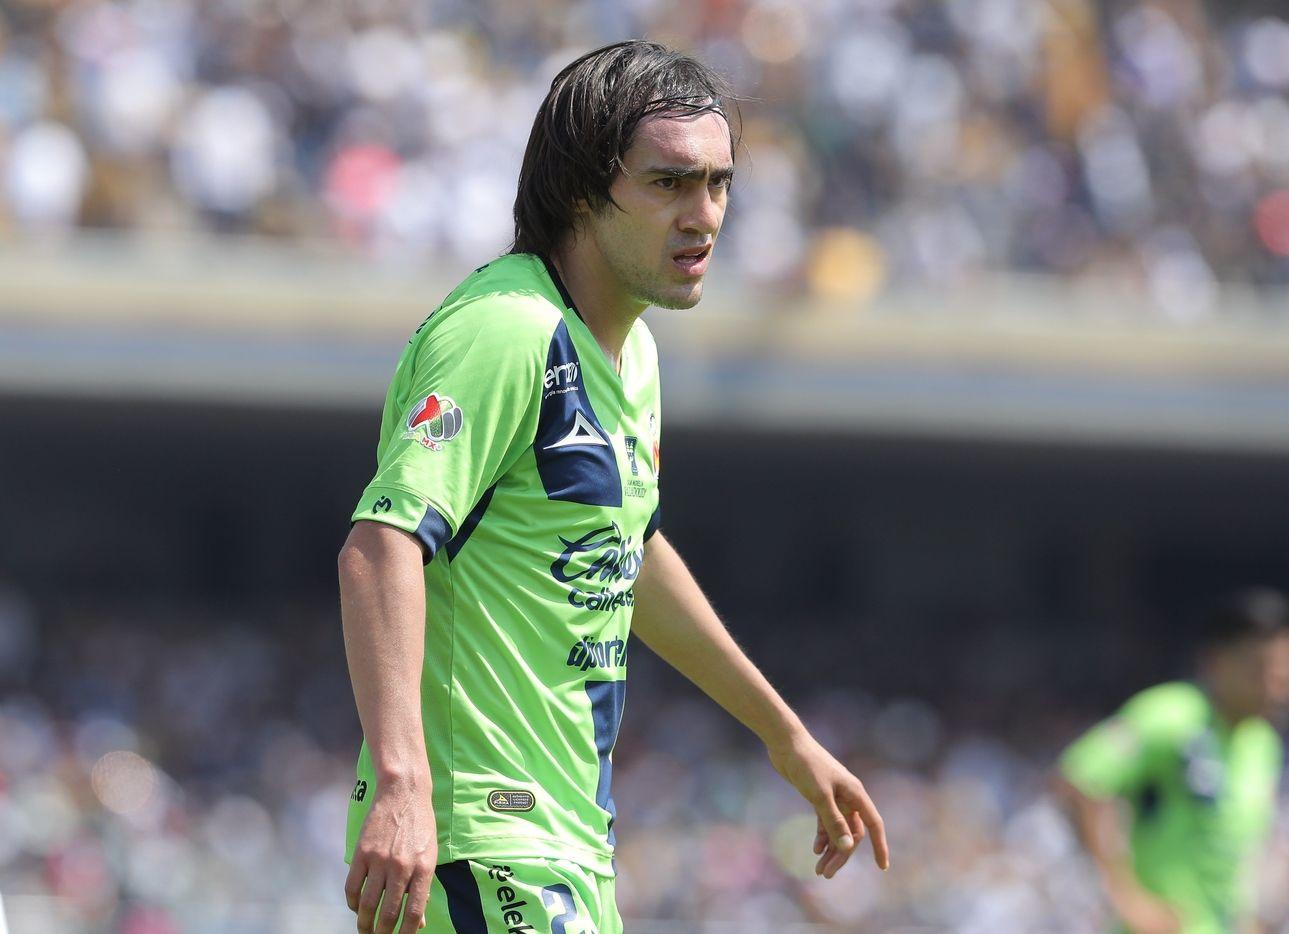 """El lateral izquierdo José Joaquín """"Shaggy"""" Martínez llega a Cruz Azul para el siguiente torneo de la Liga MX."""